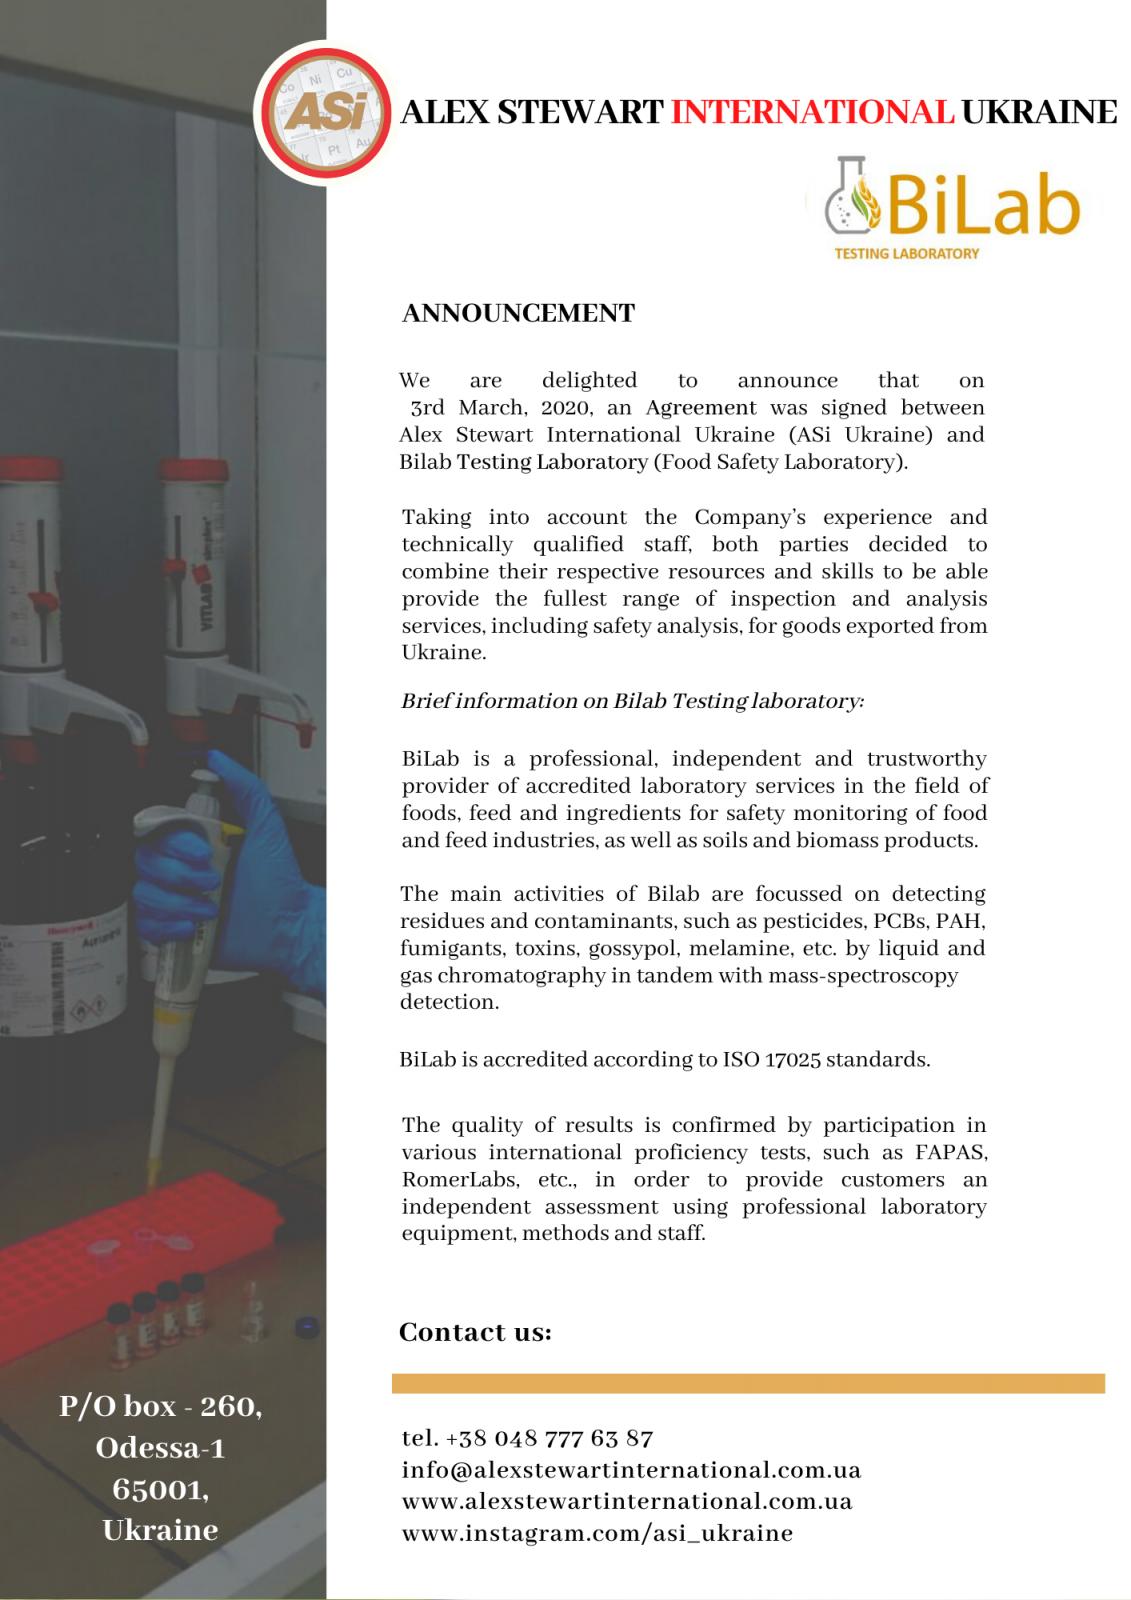 Соглашение между Alex Stewart International Ukraine (ASi Ukraine) и Испытательной лабораторией BiLab (Лаборатория Пищевой Безопасности)